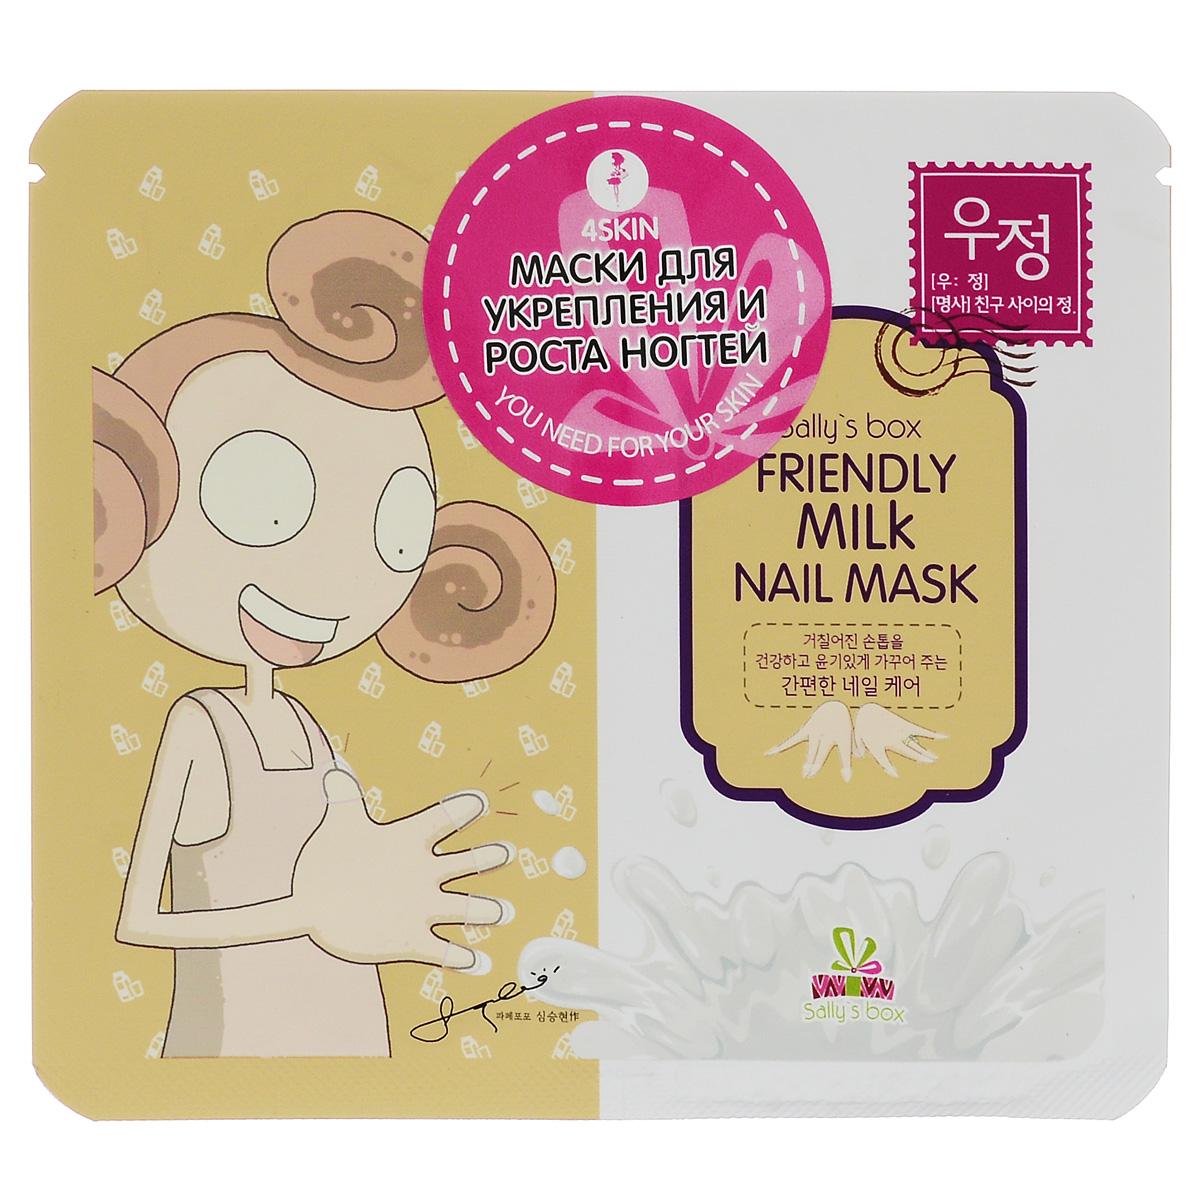 SALLY`S BOX Ухаживающие маски для укрепления и роста ногтей813364Маска способствует прекрасному, оздоровительному увлажнению и питанию кожи рук и ногтей. Восстанавливает водный баланс кожи, укрепляет ногтевую пластину и препятствует появлению ломкости. Маска для ногтей содержит масло ши, экстракт лайма и лимона, которые восстанавливают блеск и силу, укрепляют ногтевую пластину.